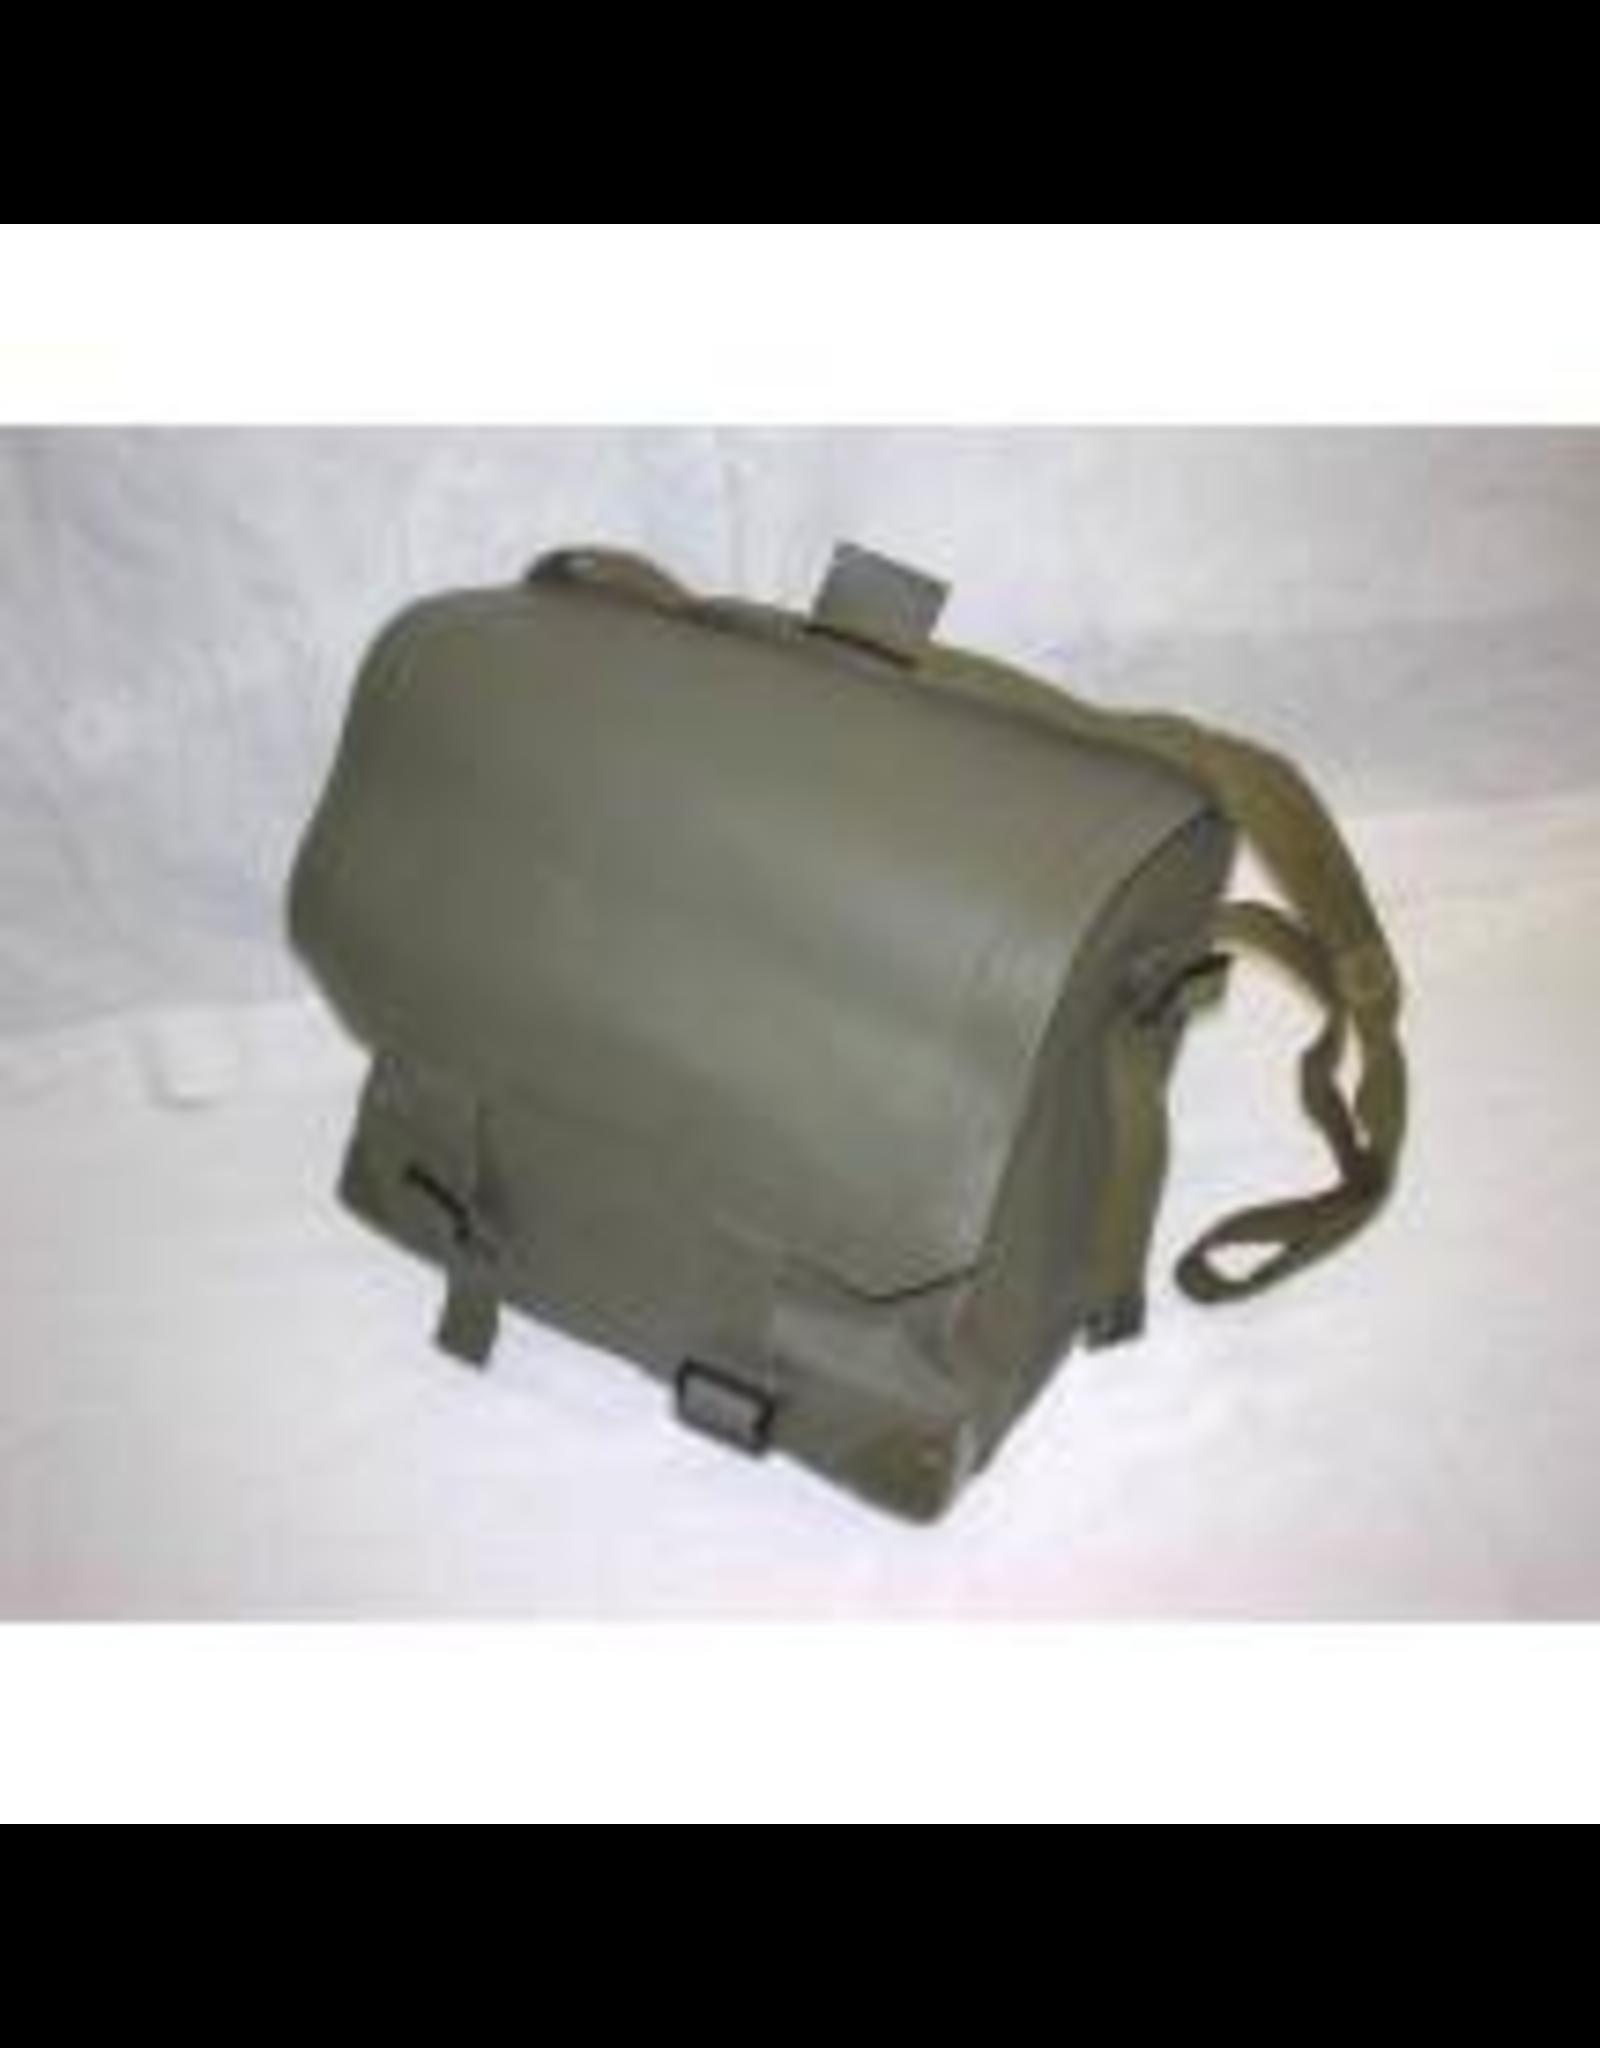 German Waterproof Bags